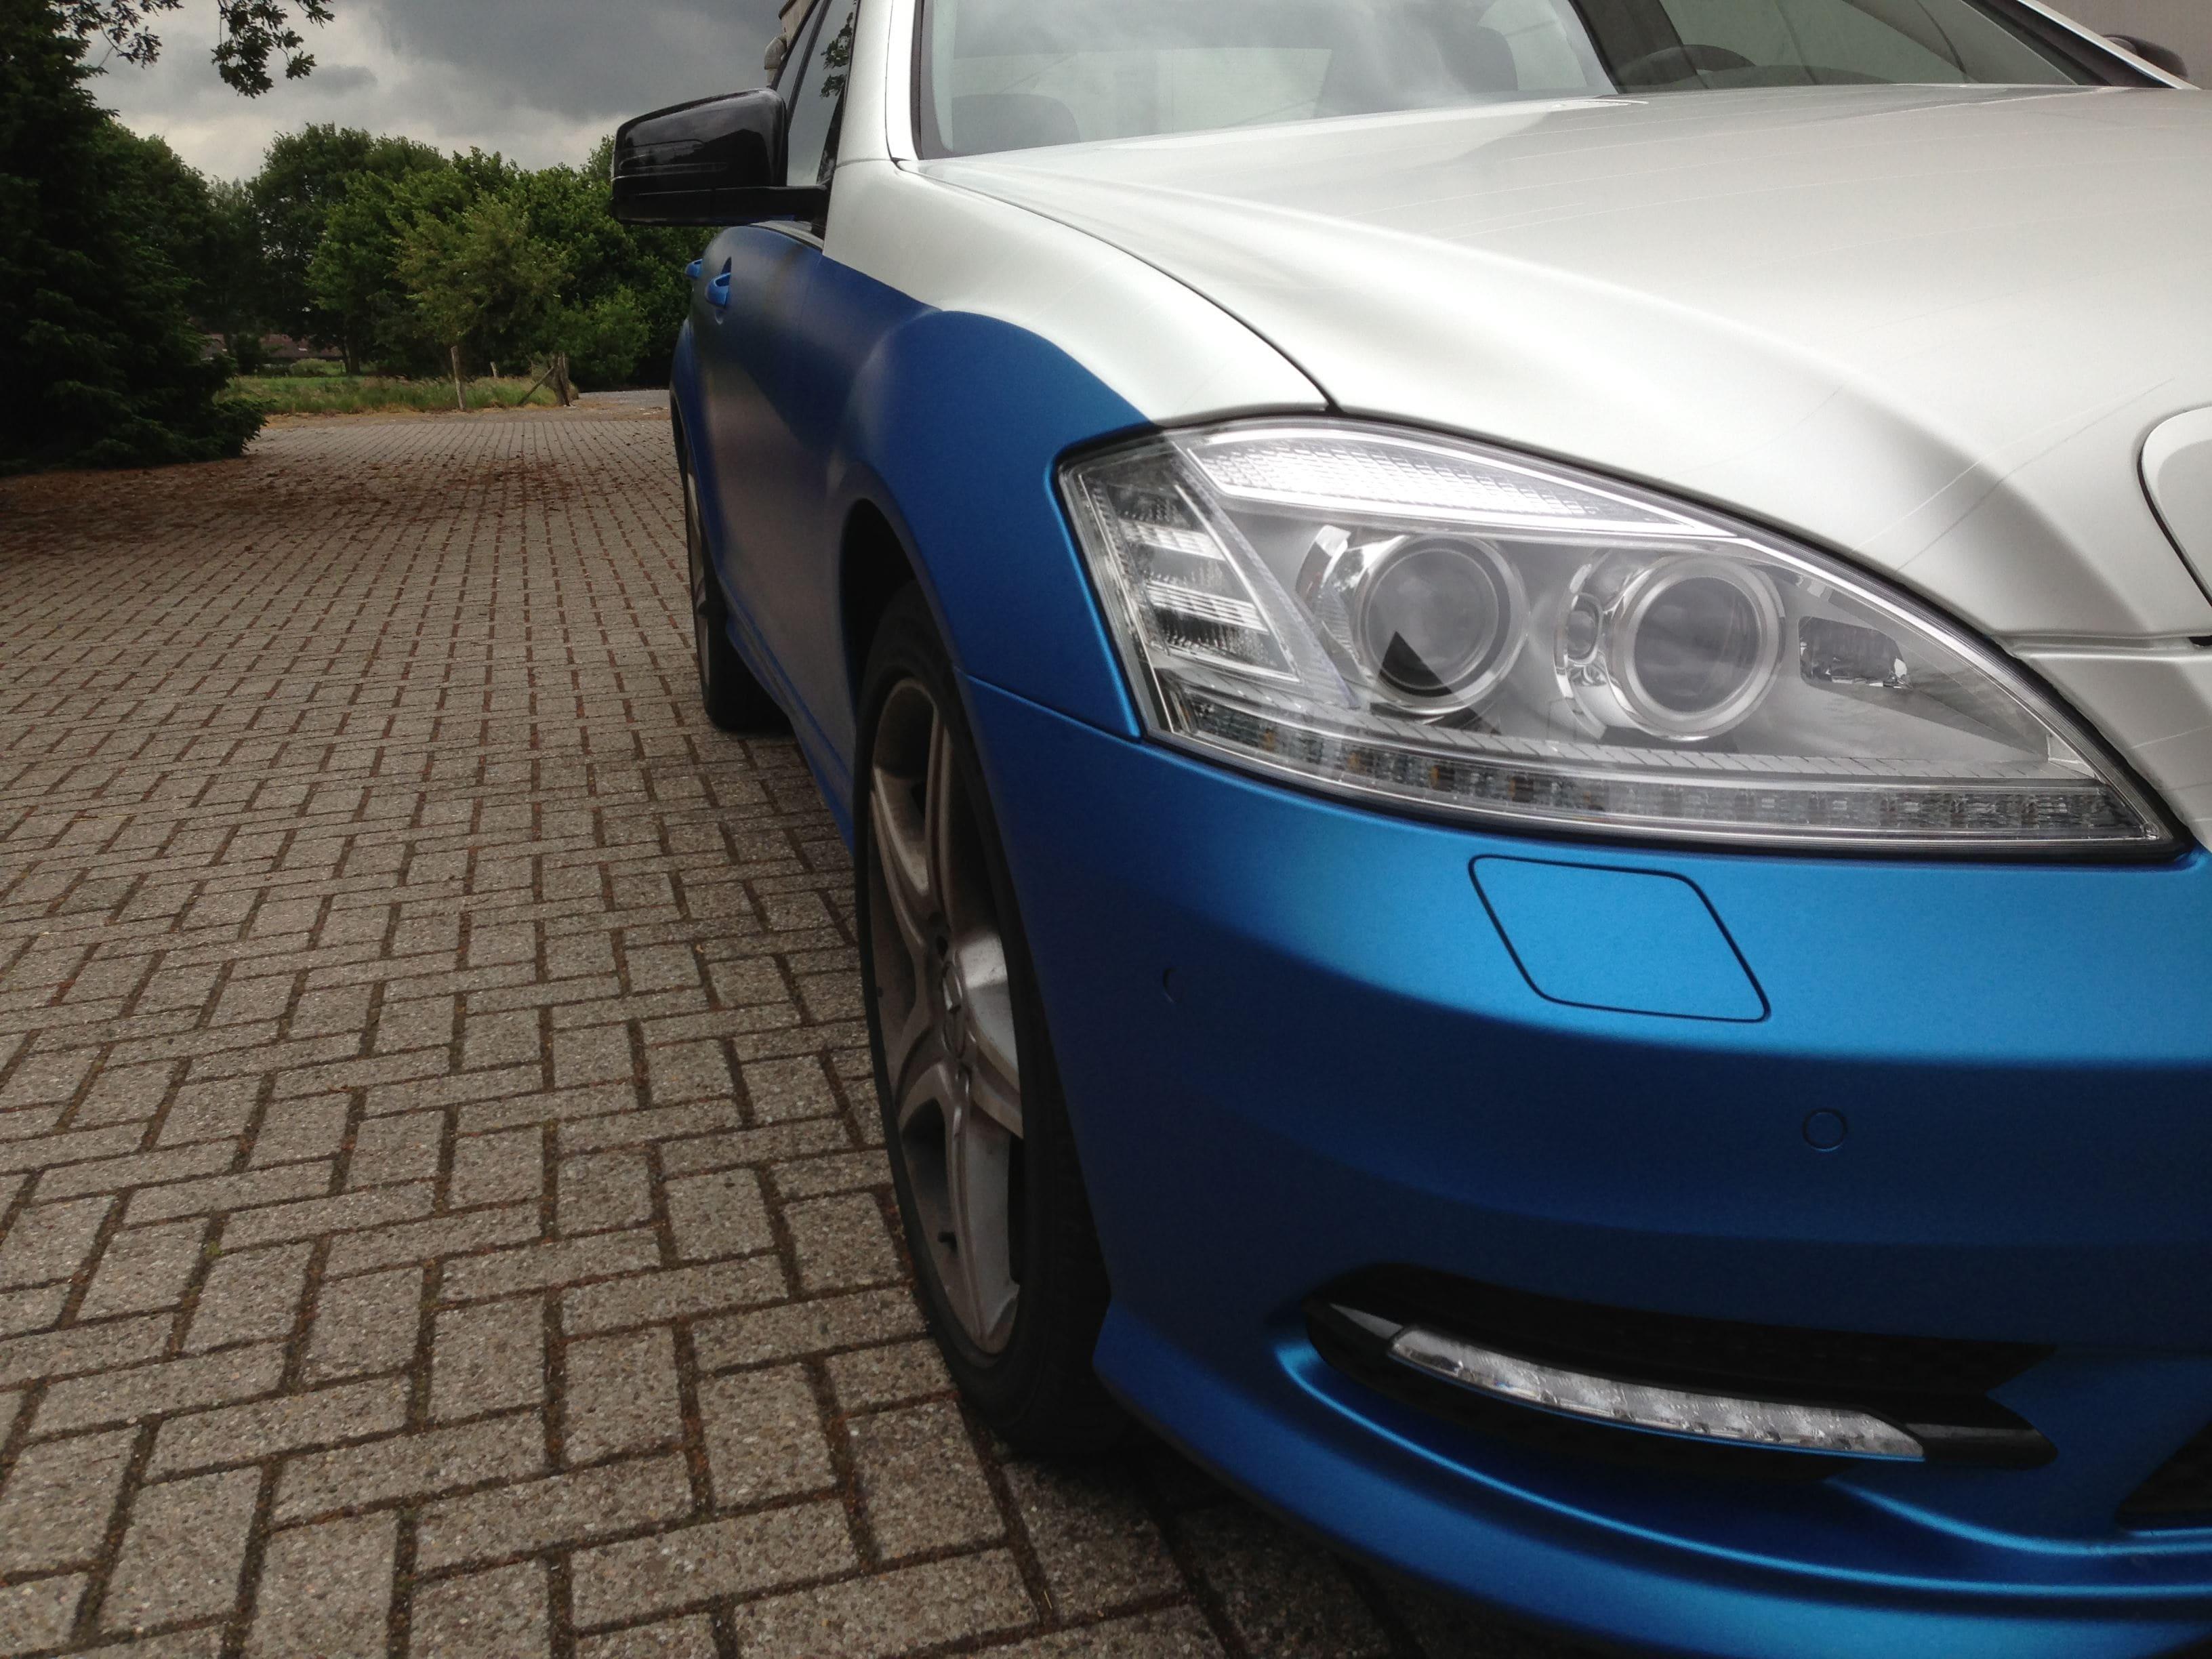 Mercedes S-Klasse AMG met Speciale Modball Wrap, Carwrapping door Wrapmyride.nu Foto-nr:6316, ©2020